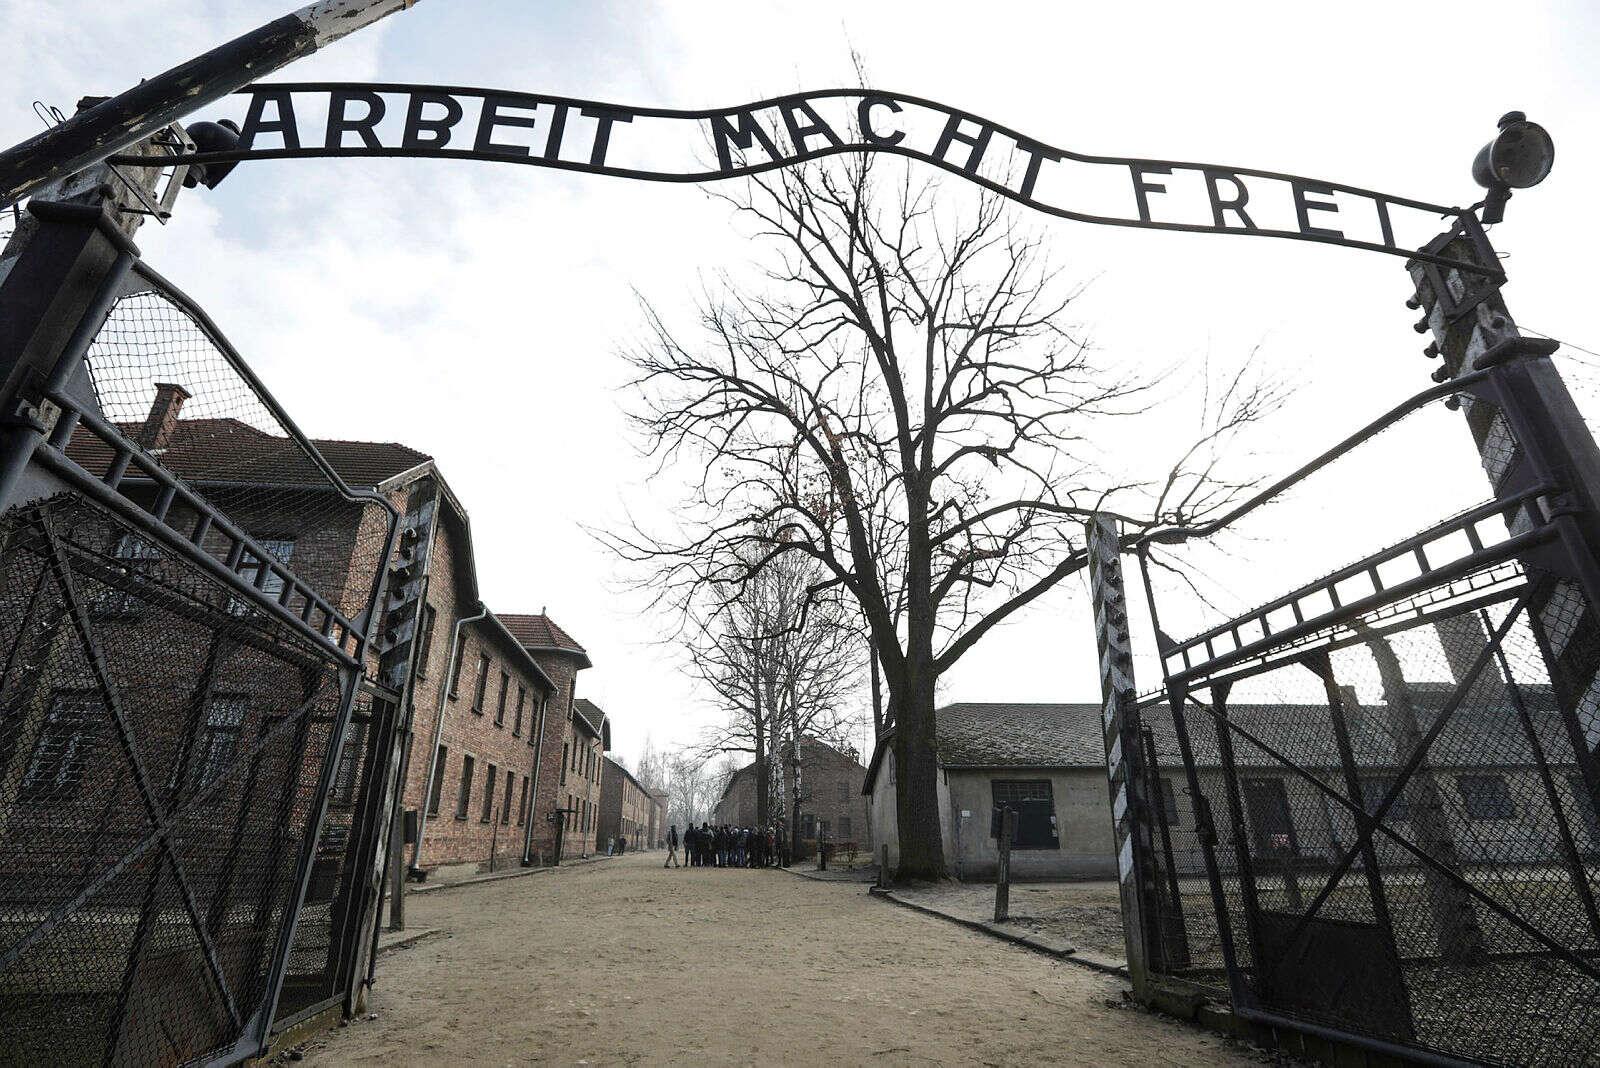 סקר: פחות מחצי מהאמריקנים יודעים ששישה מיליון יהודים נרצחו בשואה